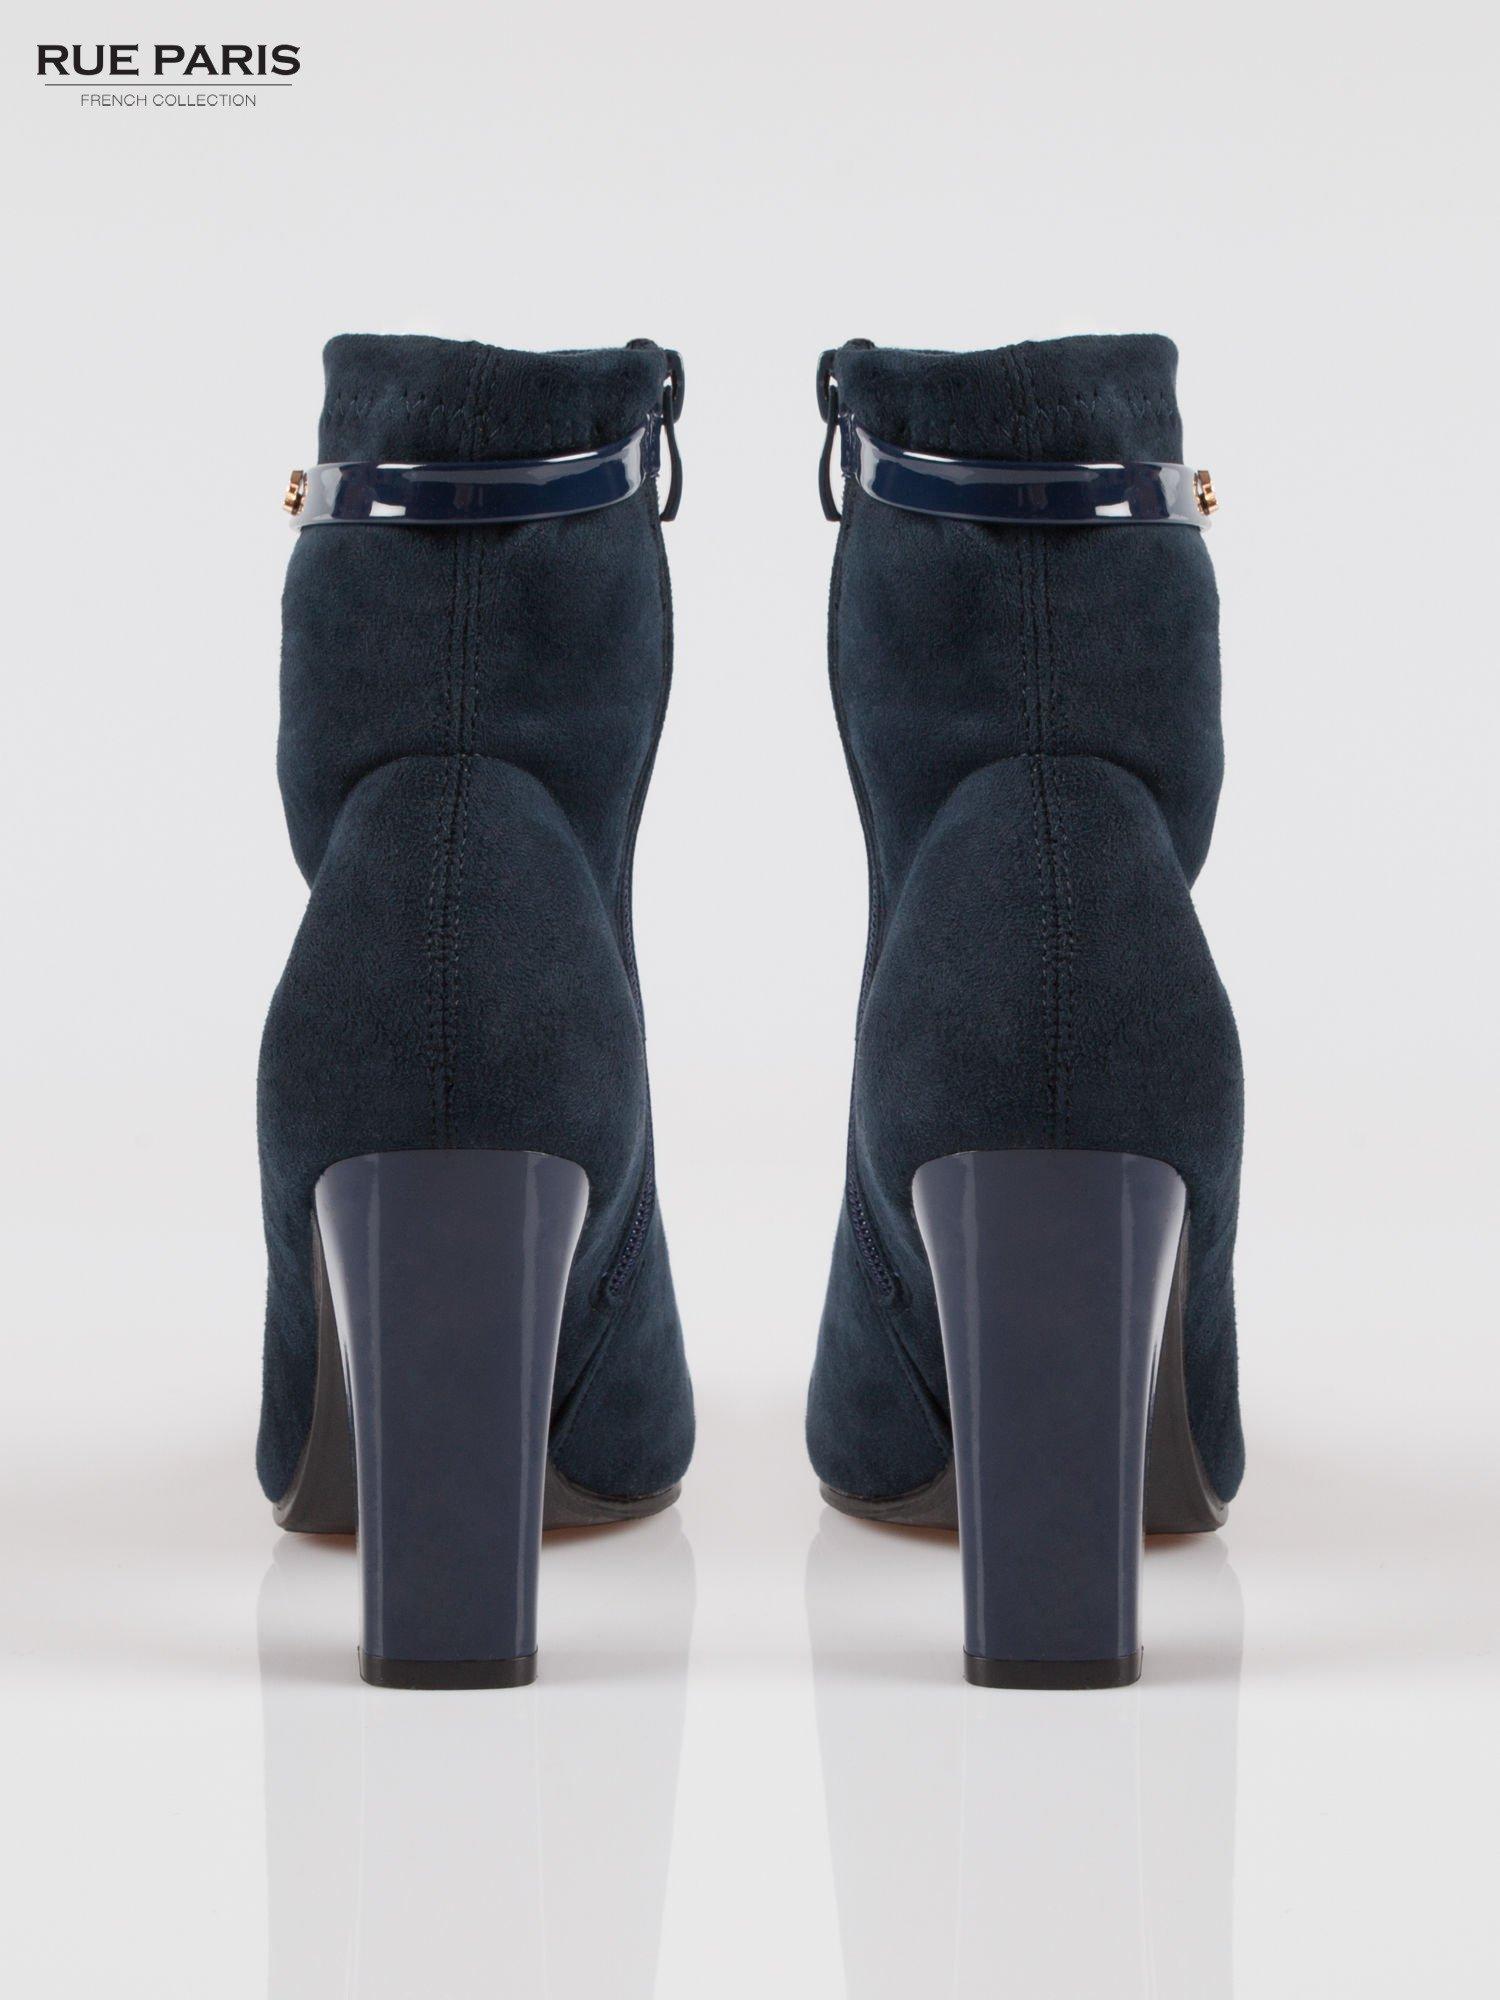 Ciemnoniebieskie zamszowe botki z lakierowanym noskiem w szpic w stylu Chanel                                  zdj.                                  3